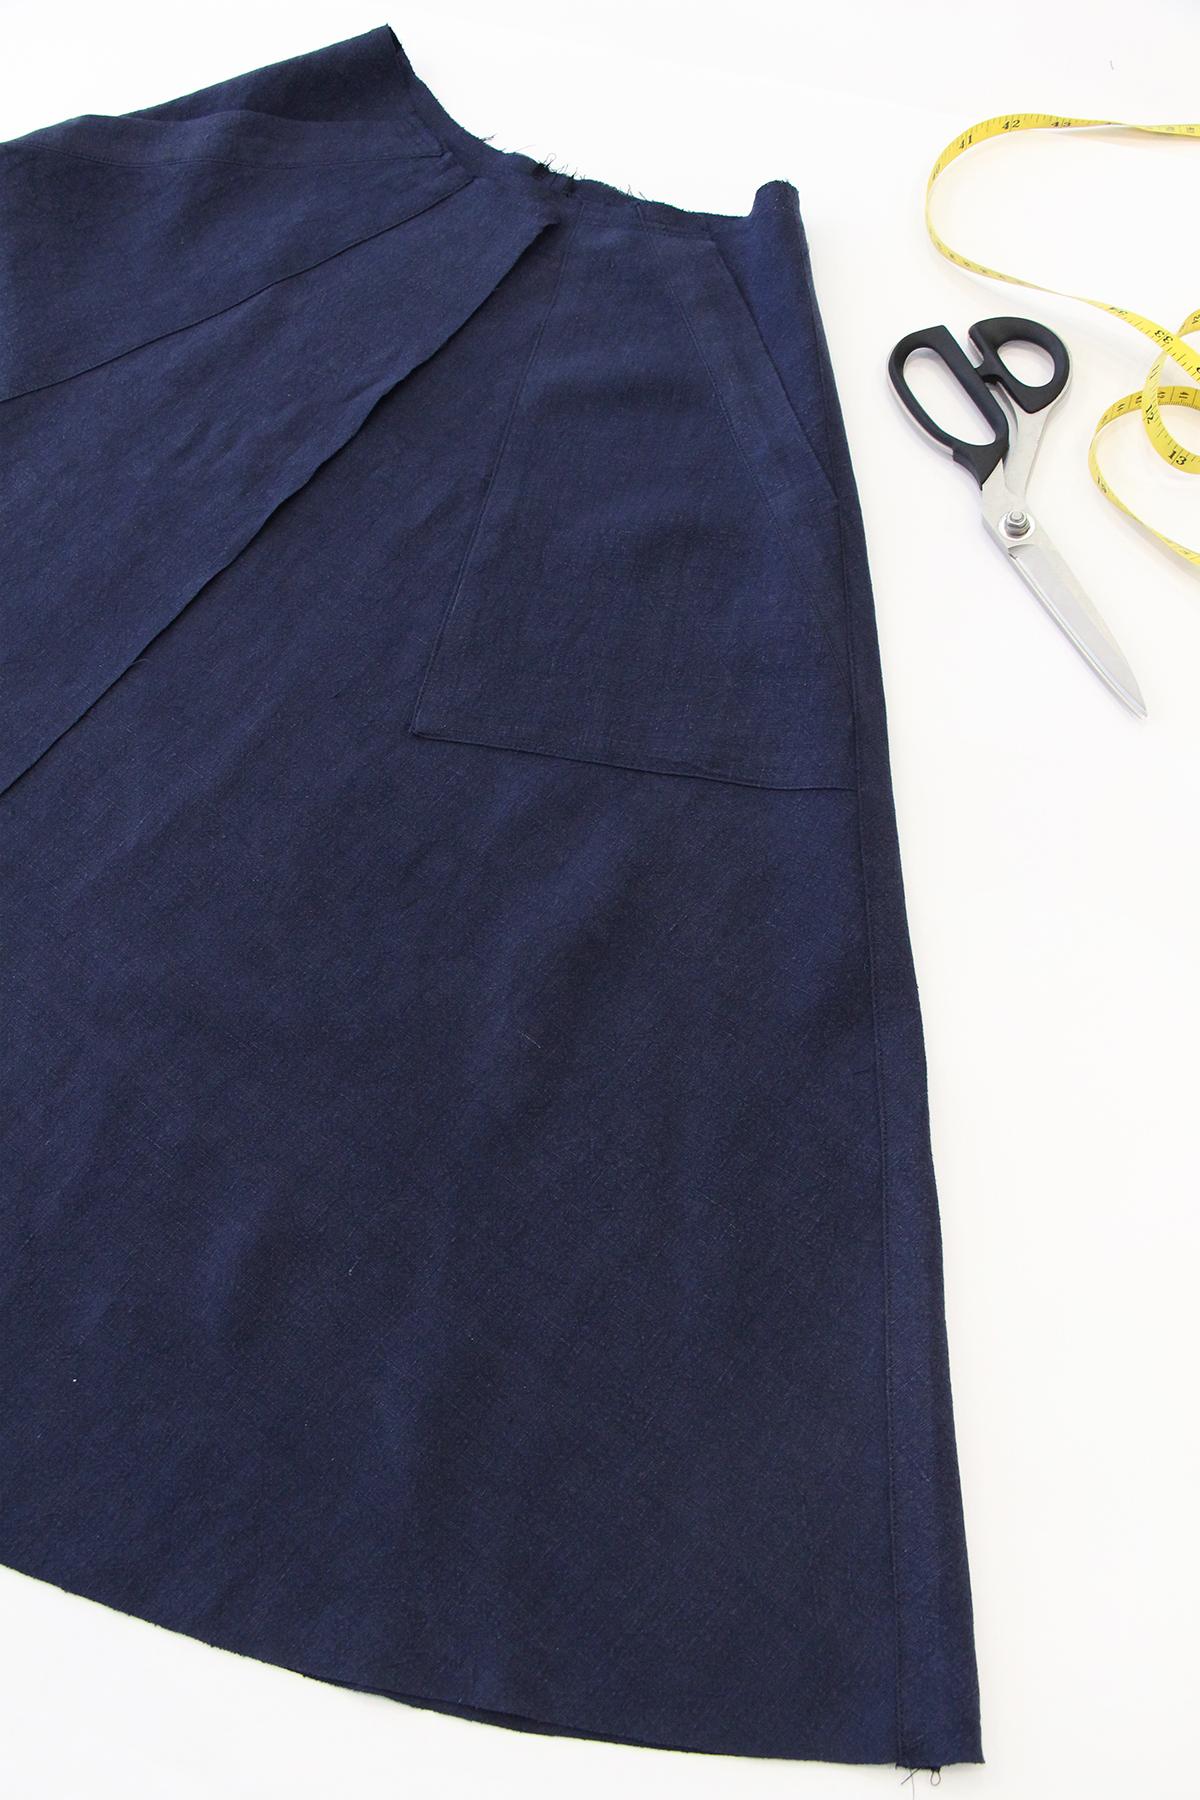 Megan Nielsen Patterns   Matilda Sewalong: Matching Set Hack   Skirt Starting Point